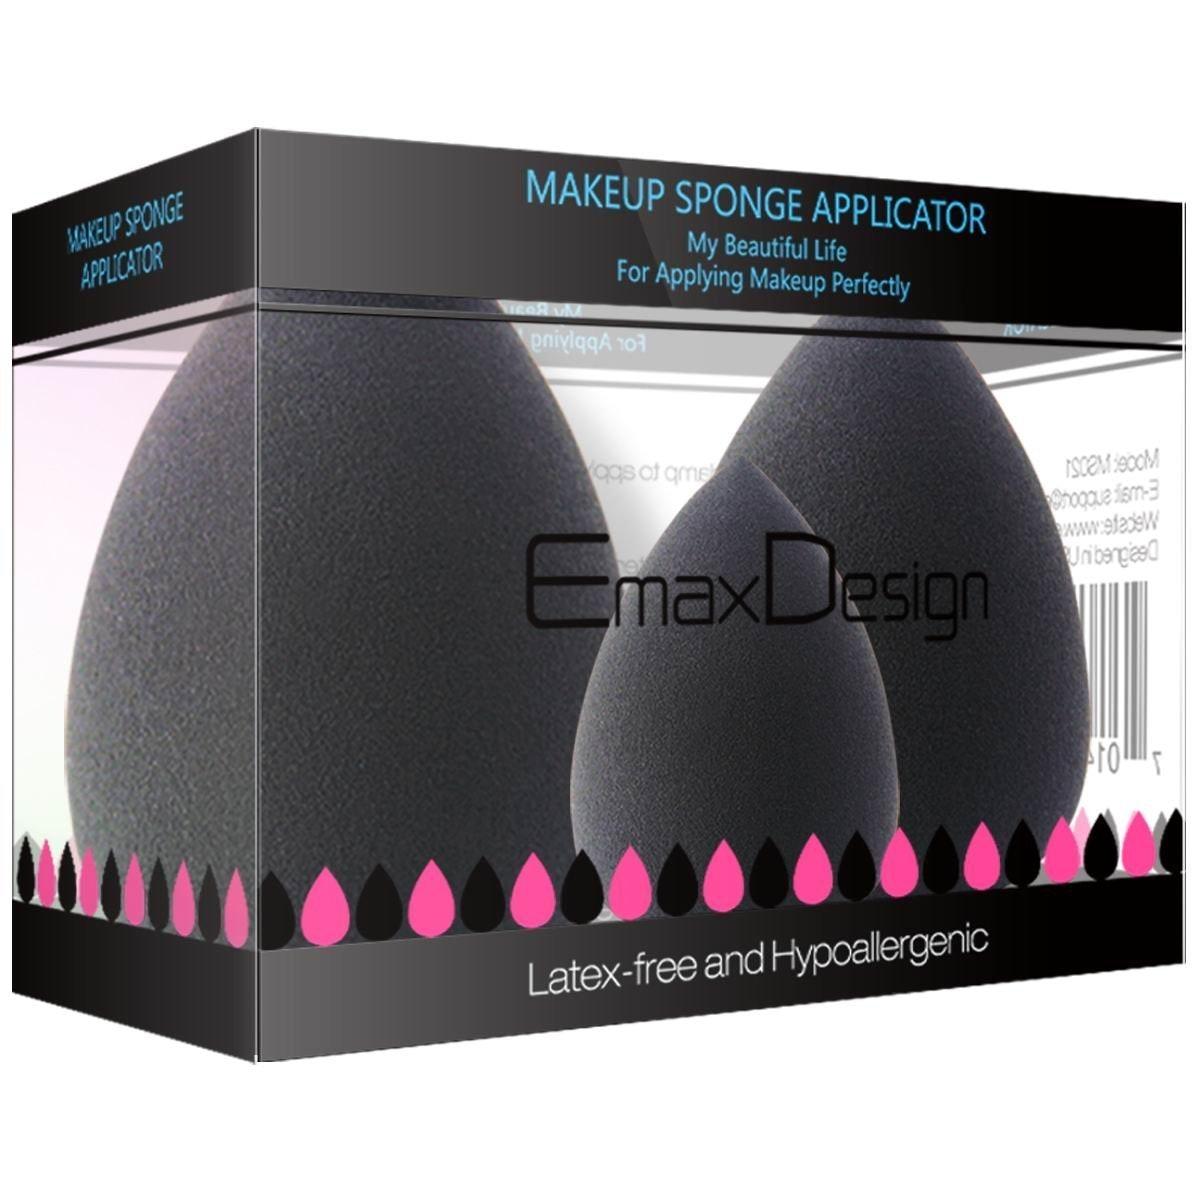 EmaxDesign Makeup Blender Sponge Set (3 Pack)